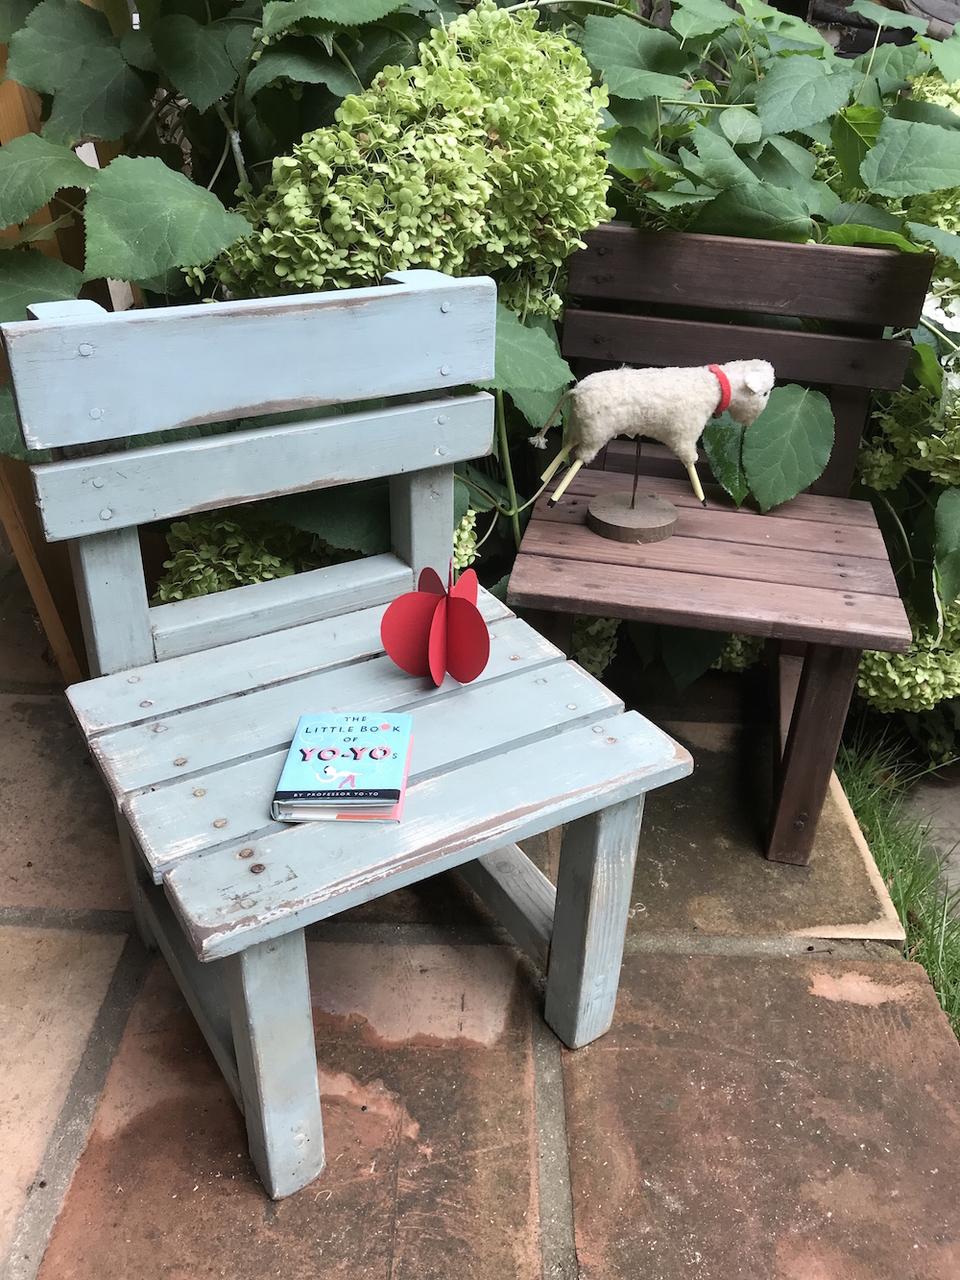 おやこ木工教室「こどものために家具をつくろう」木の腰かけ椅子 8/4(土) 講師:丸林さわこ